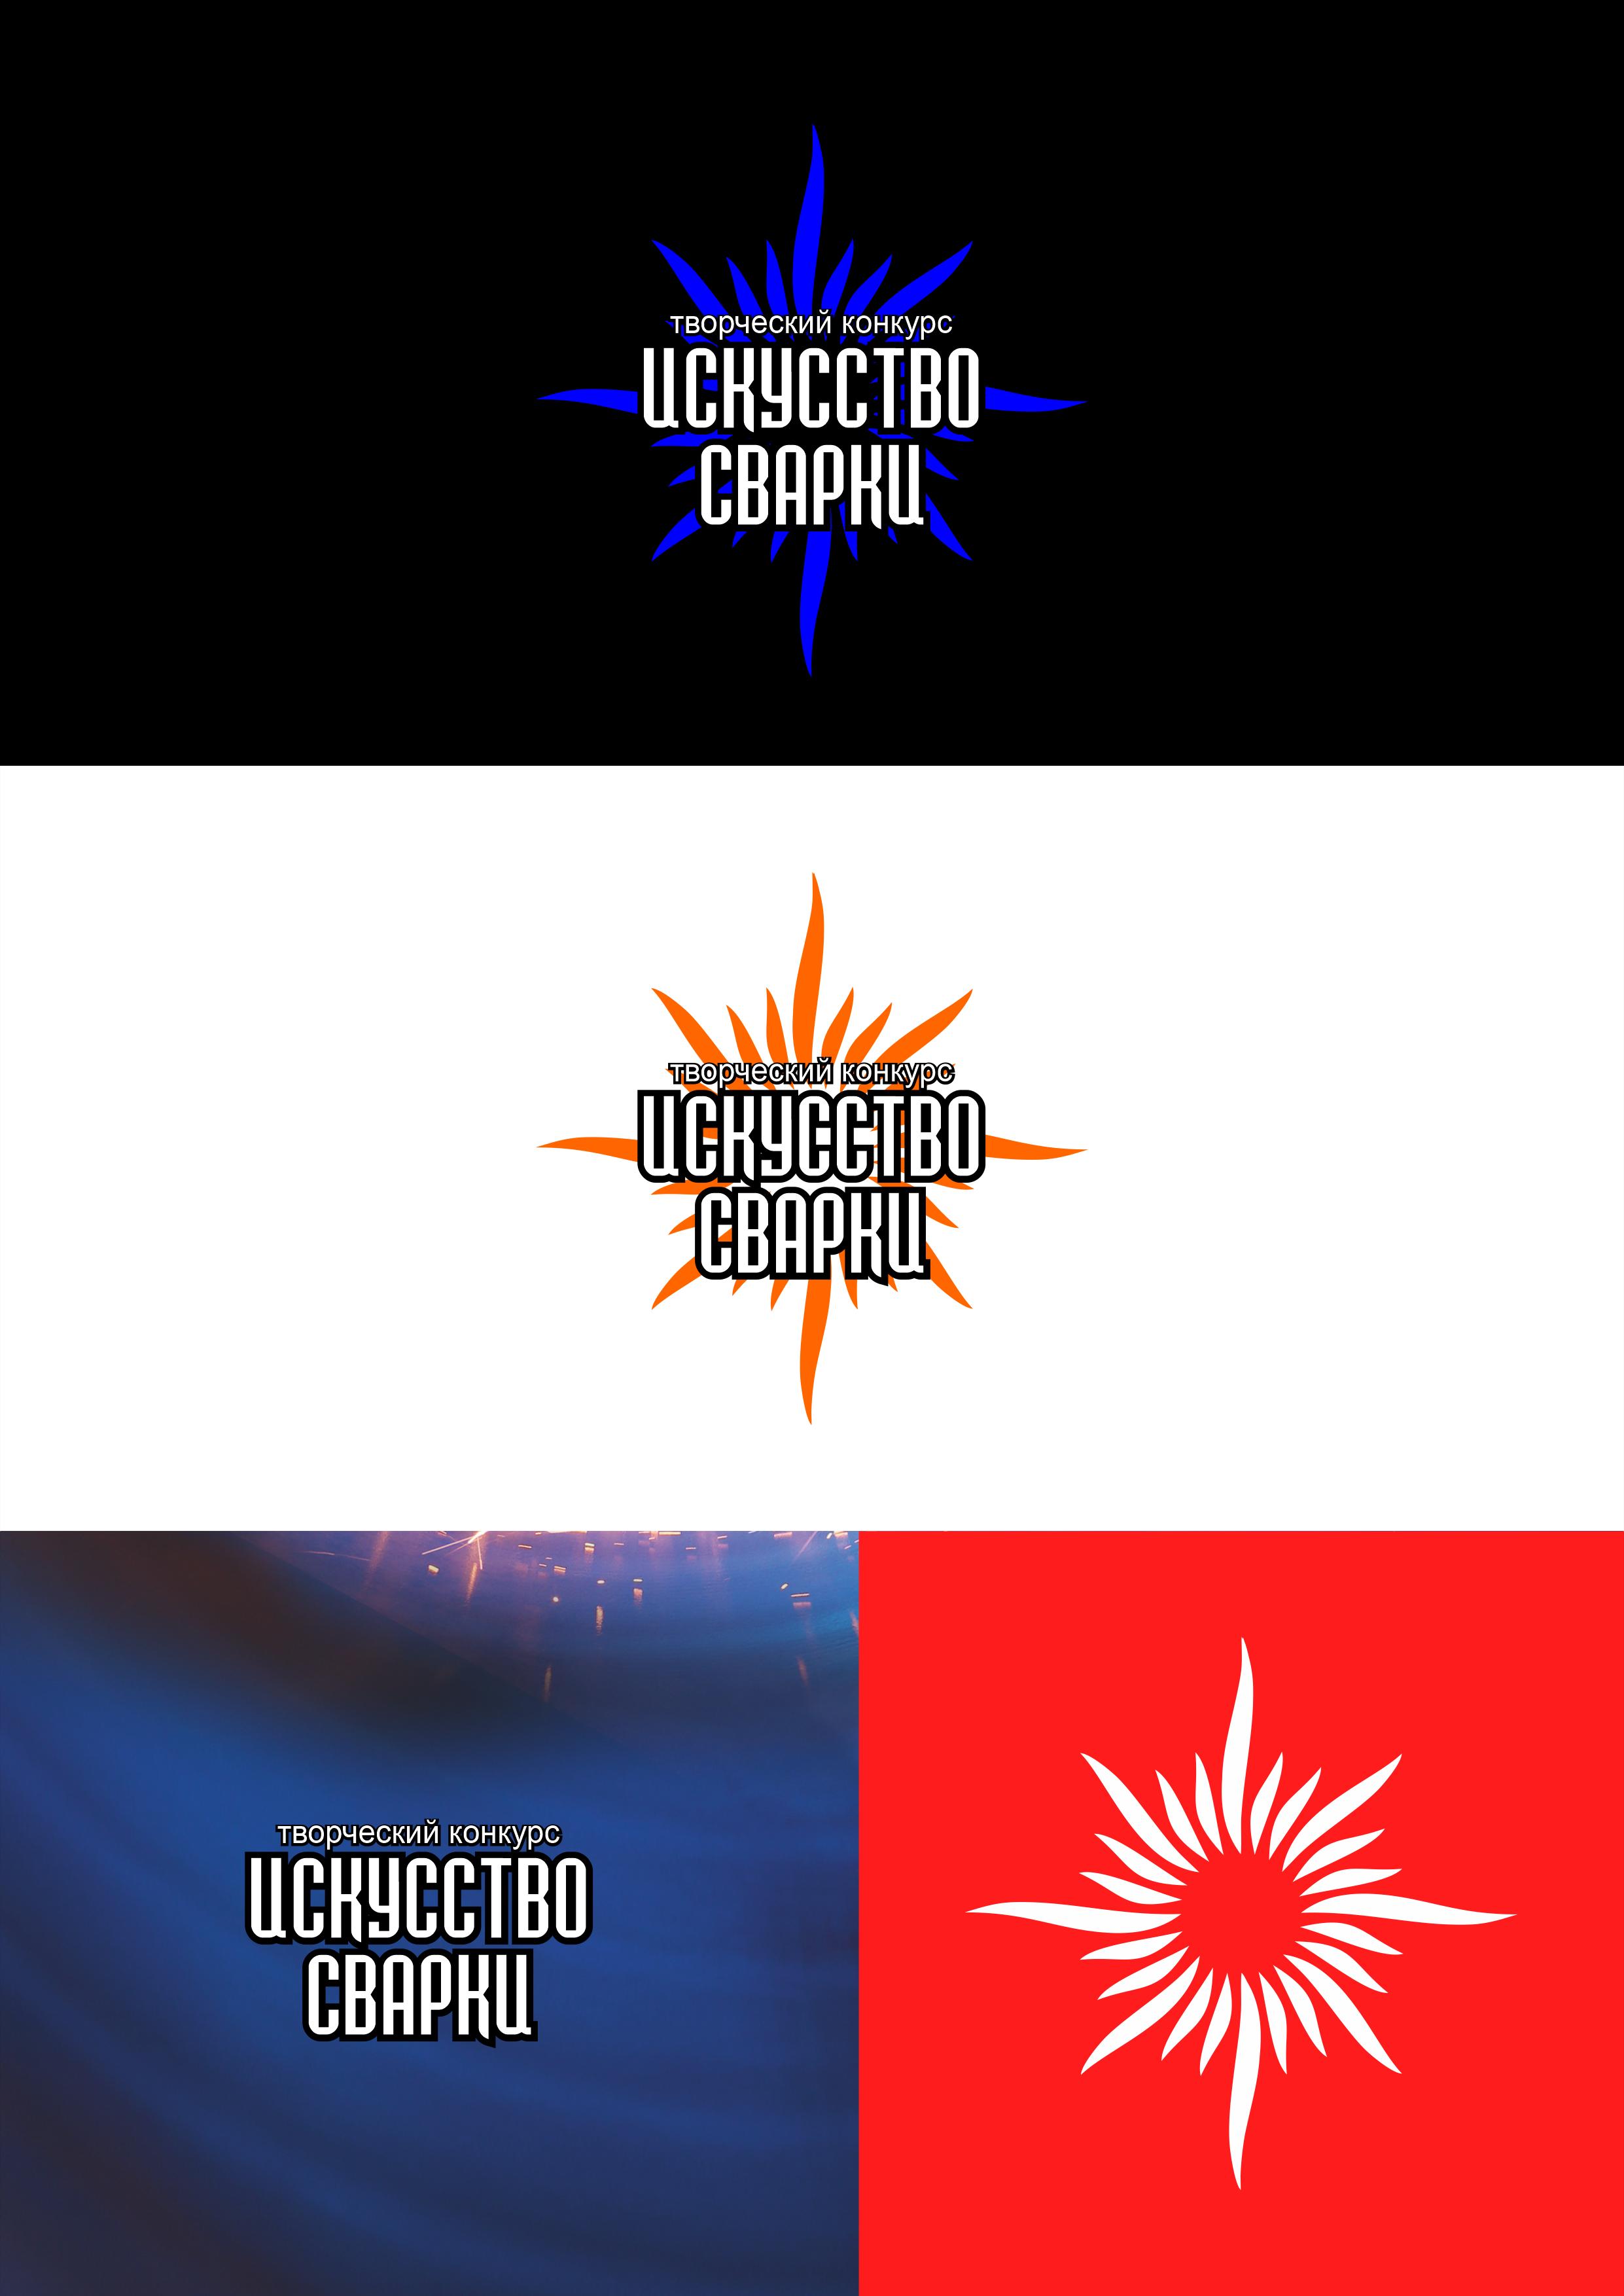 Разработка логотипа для Конкурса фото f_8495f70727cdbf94.png